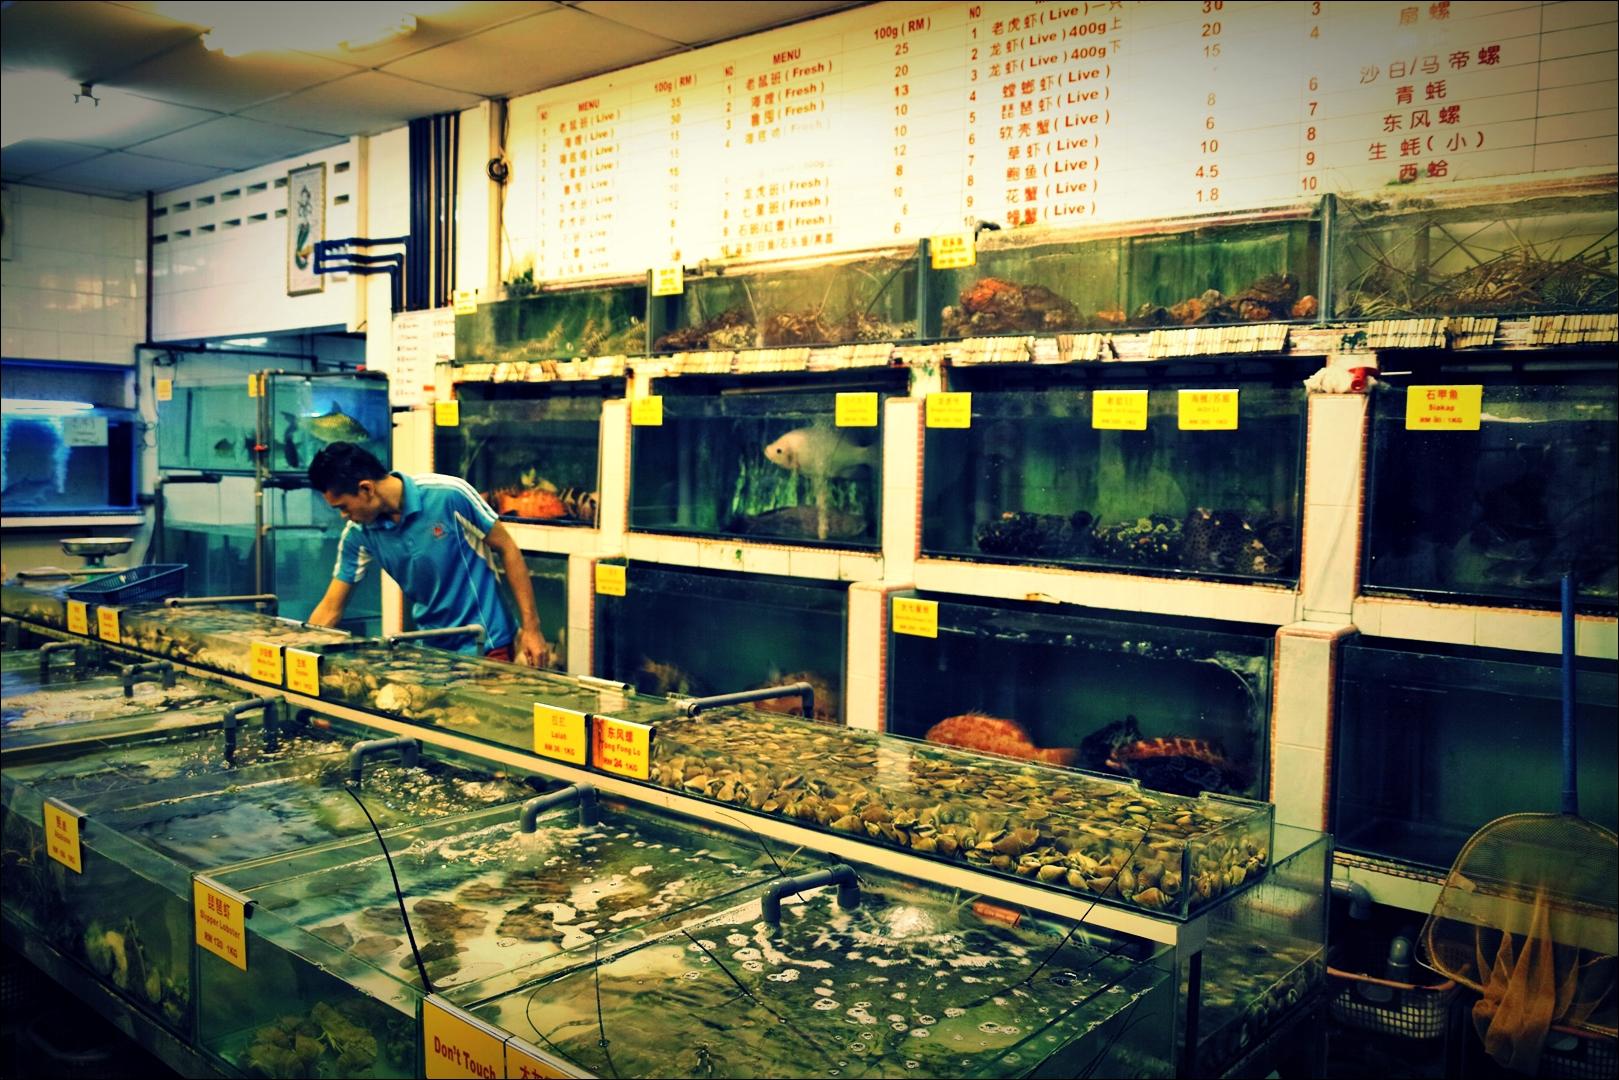 무얼 먹을까?-'코타키나발루 웰컴 시푸드 레스토랑 Welcome Seafood Restaurant Kota Kinabalu'